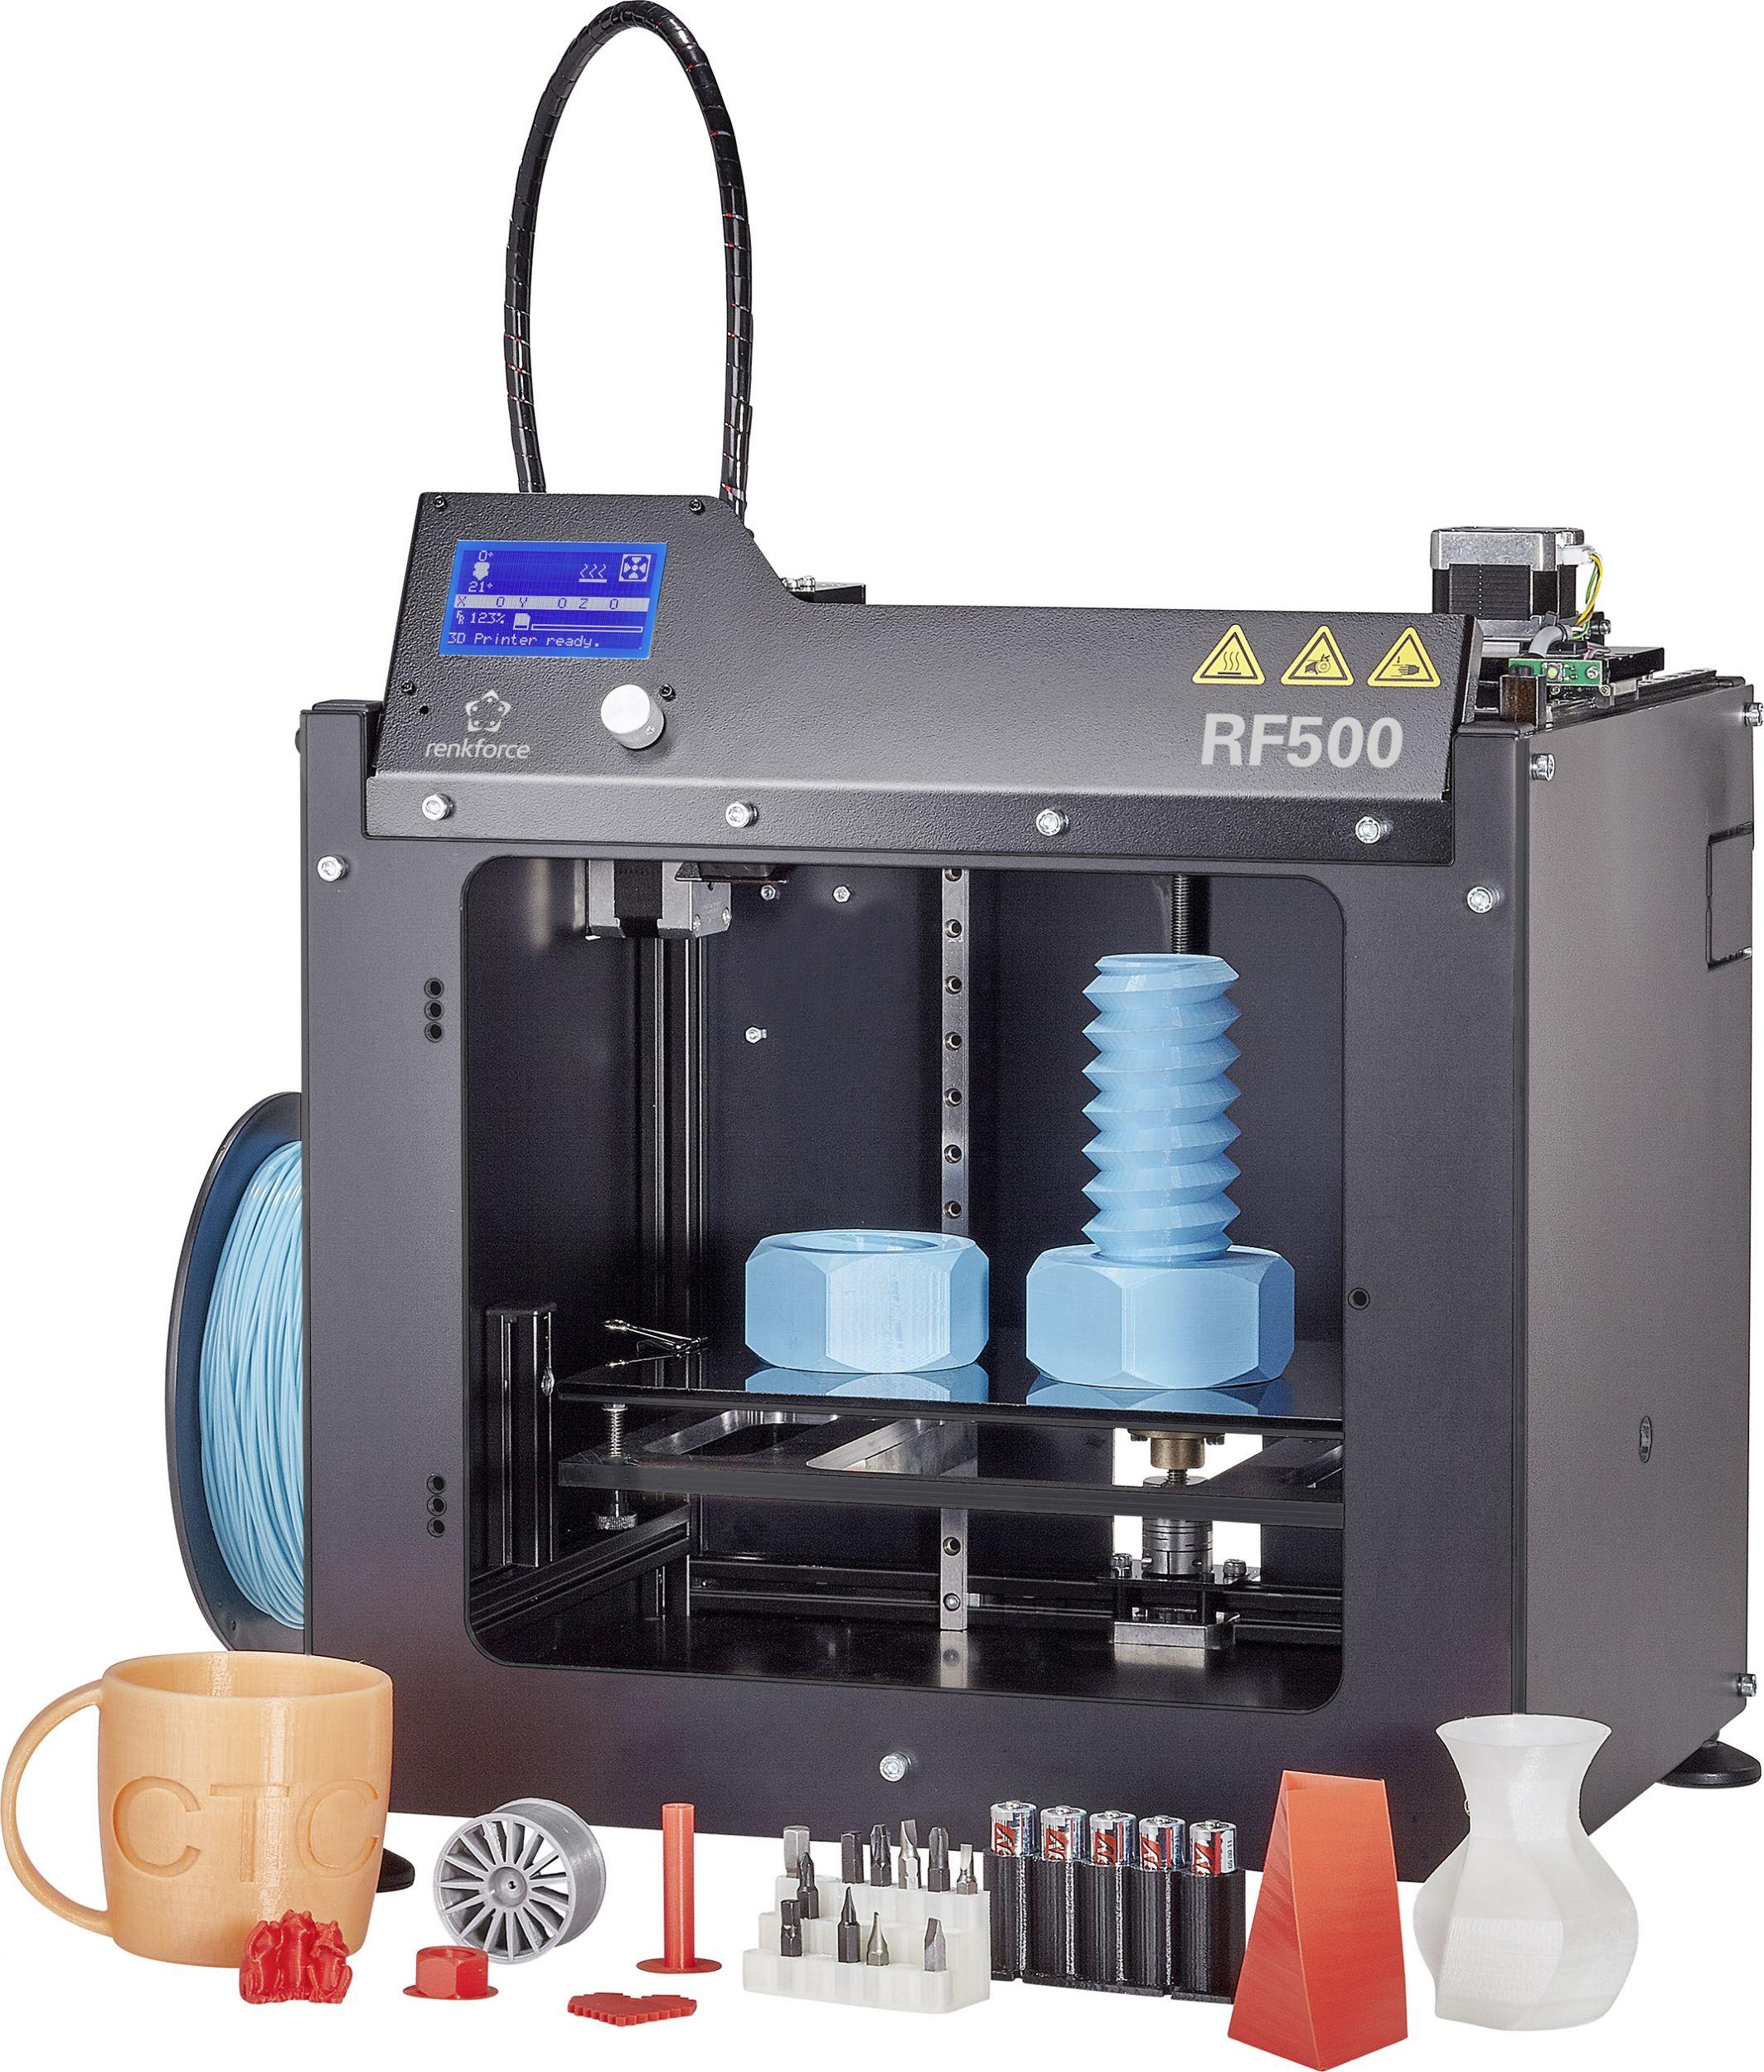 3D-Druck, IoT-Produkte und Tools für Embedded-Entwickler bei Conrad